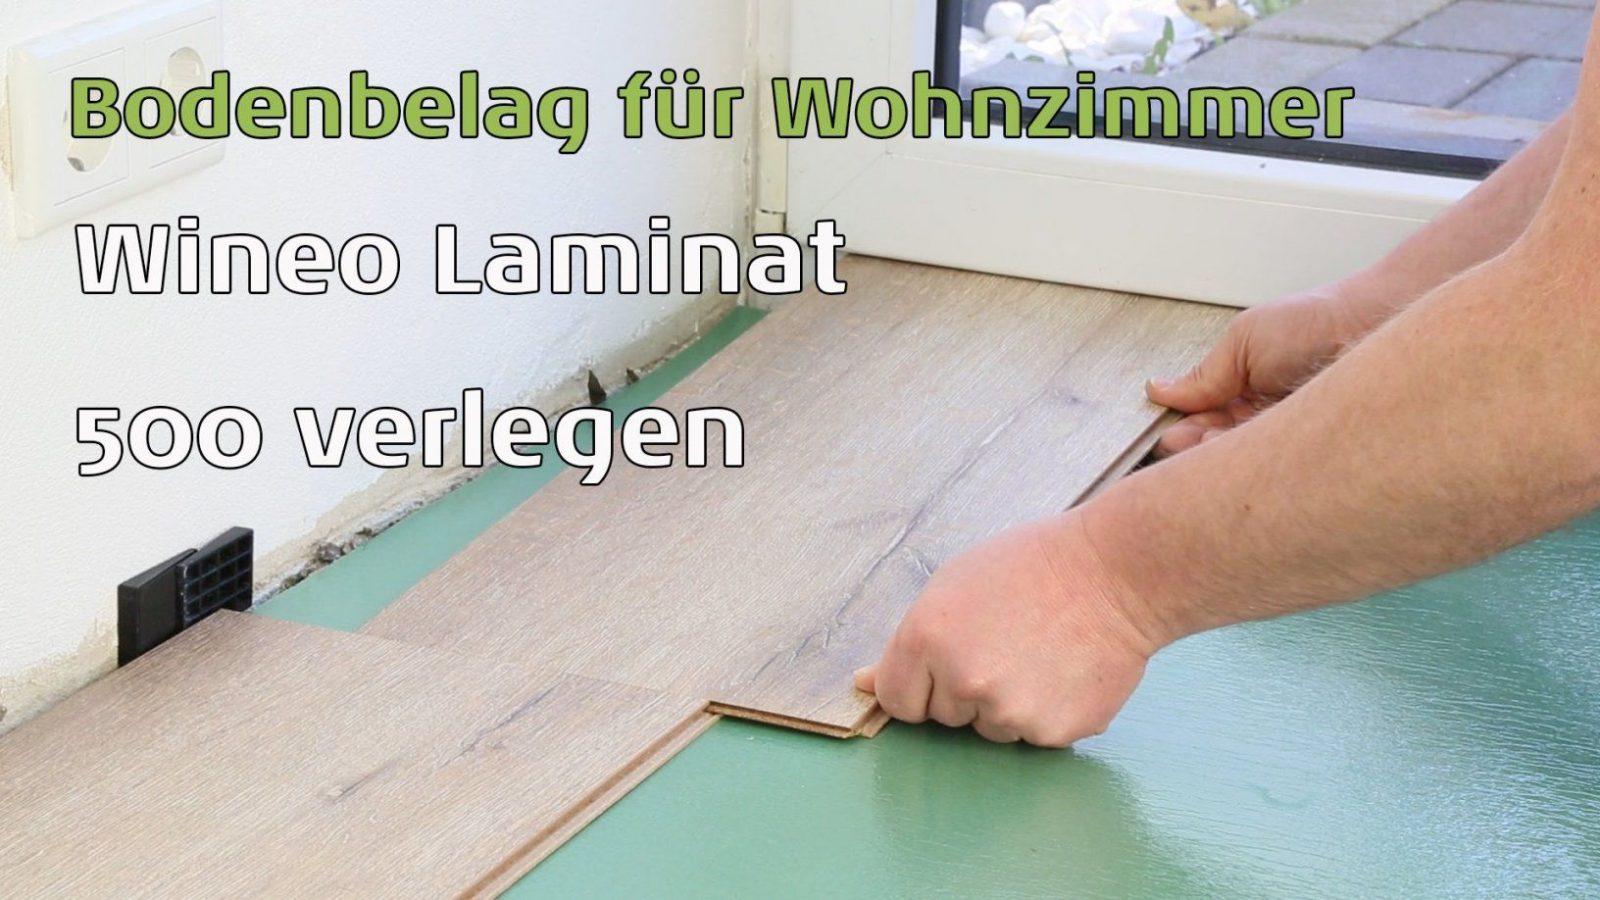 Laminat 500 Wineo Smallmediumlargexl Verlegen  Youtube von Laminat Verlegen Anleitung Video Bild